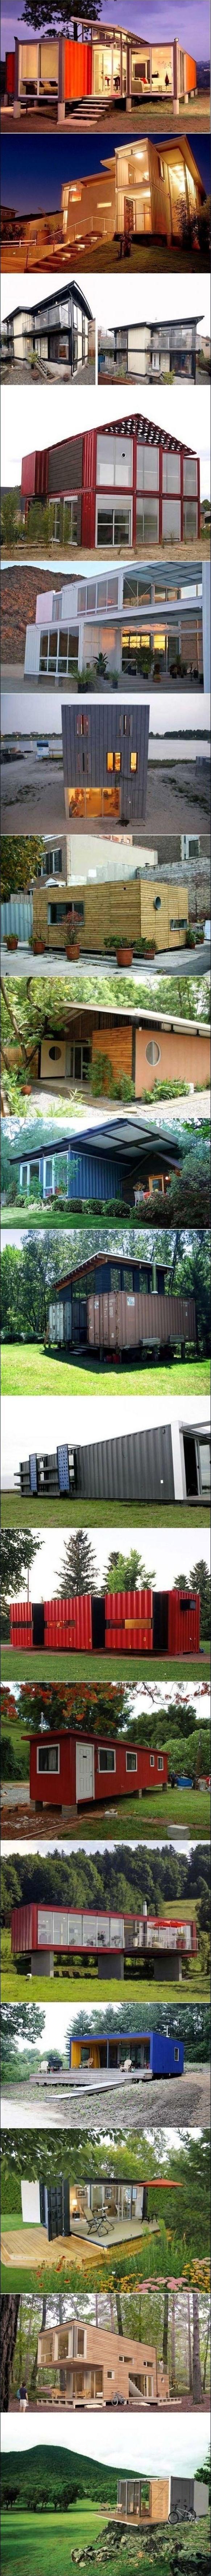 Casas de verano hechas a partir de containers